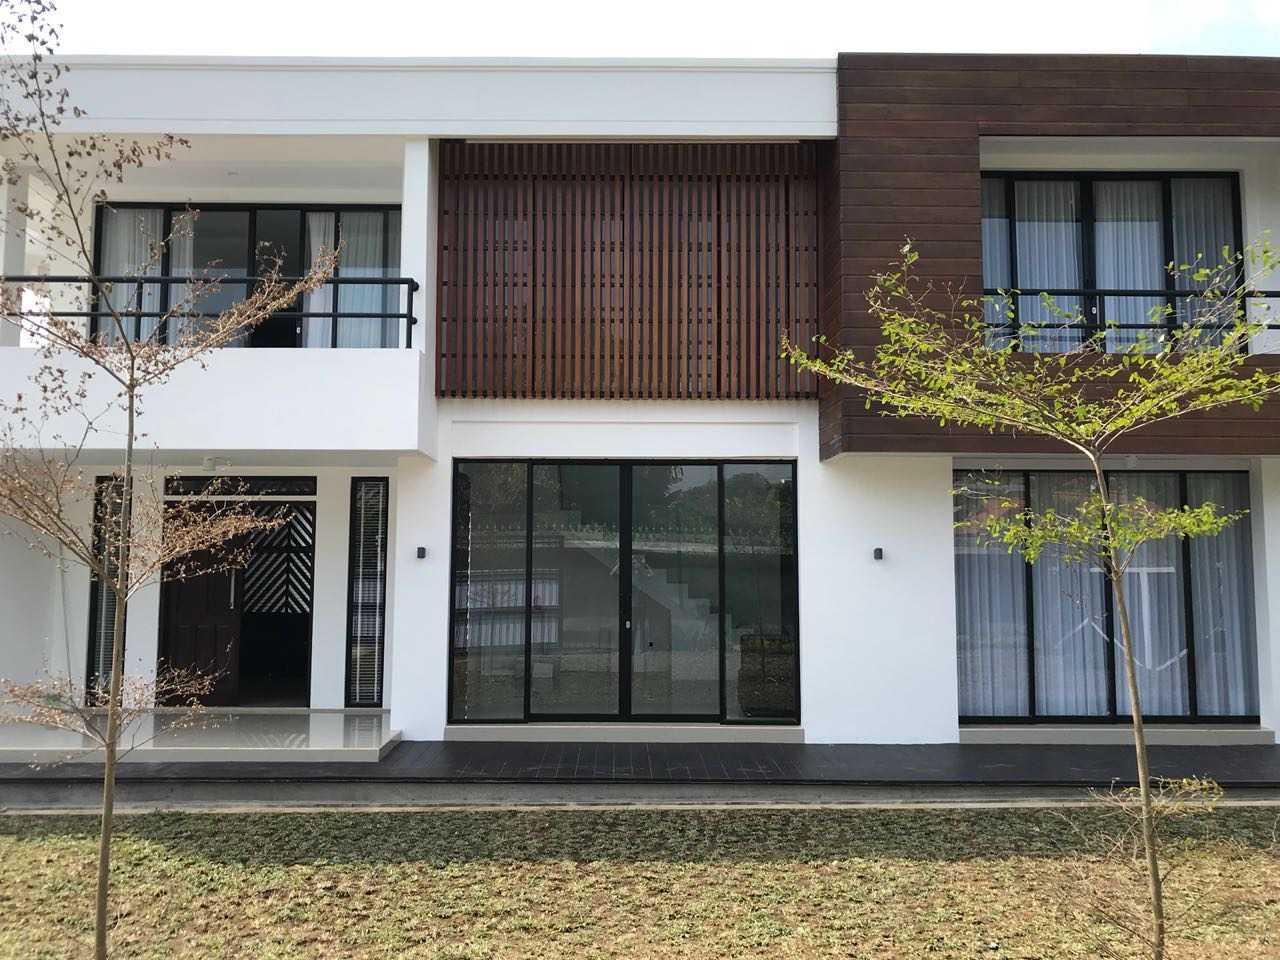 Localic Studio Eg House Magelang, Kota Magelang, Jawa Tengah, Indonesia Magelang, Kota Magelang, Jawa Tengah, Indonesia Localic-Studio-Eg-House  80852